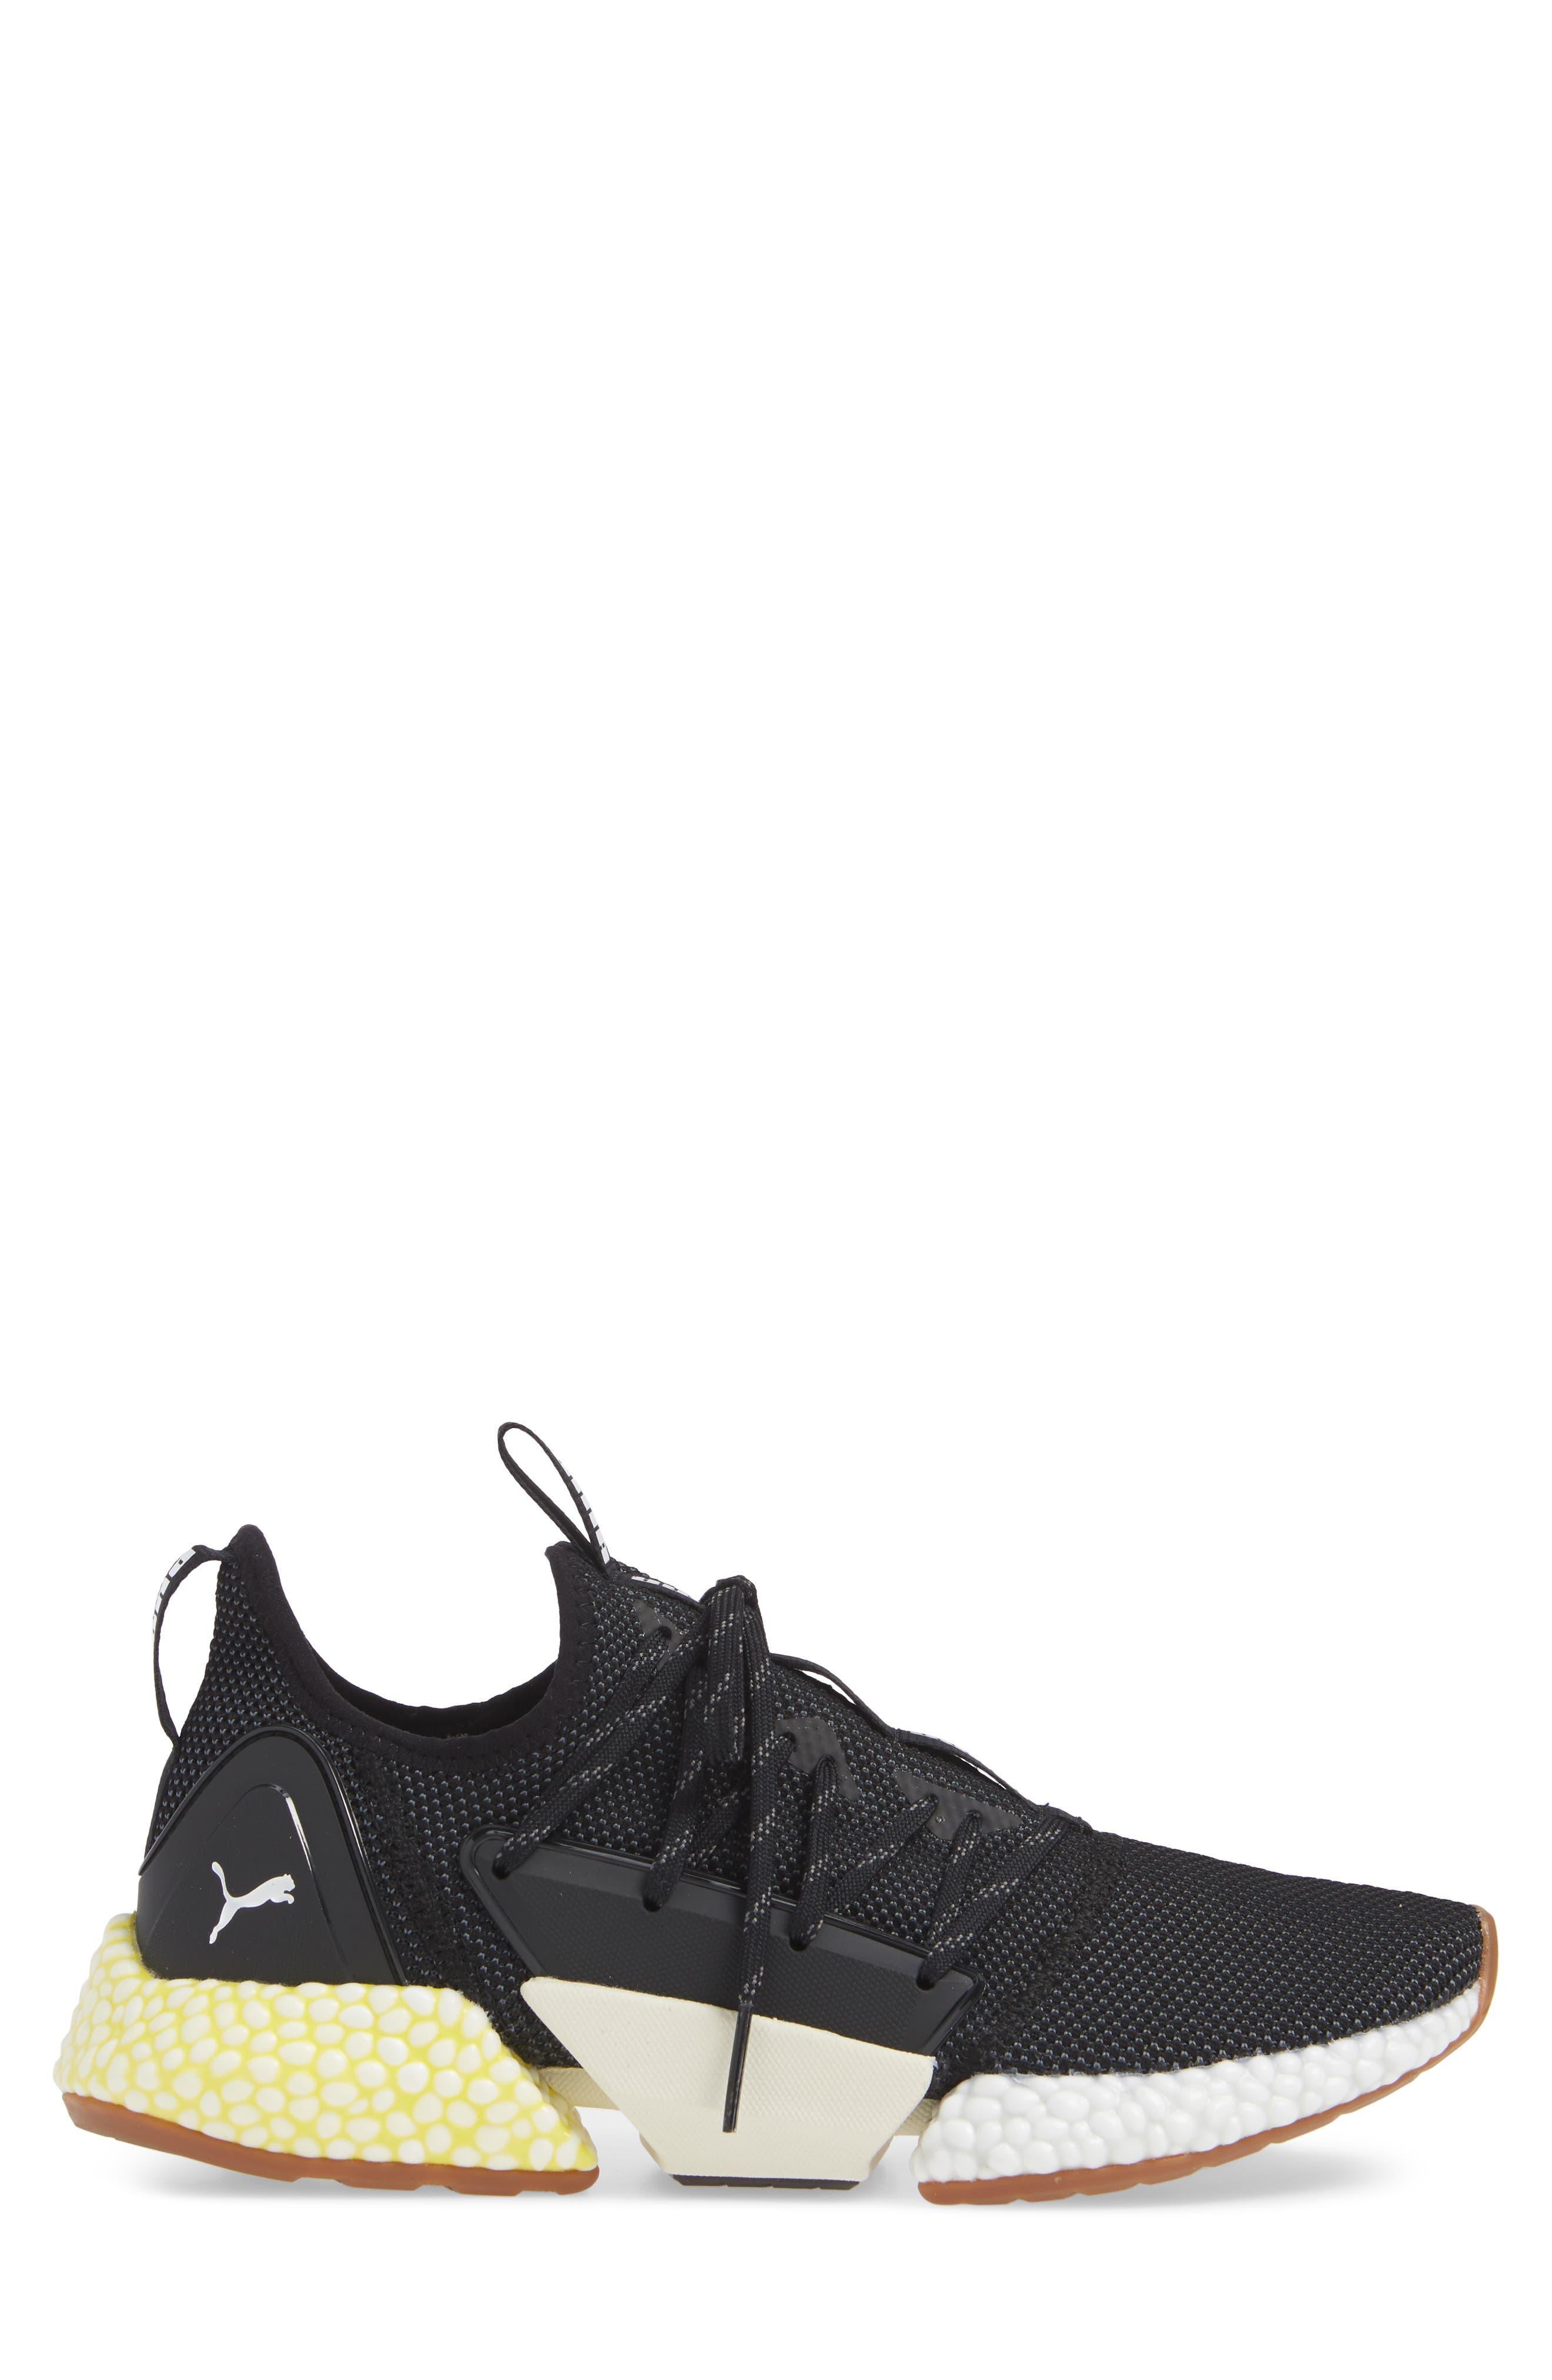 Hybrid Rocket Runner Sneaker,                             Alternate thumbnail 3, color,                             BLACK/ WHITE/ BLAZING YELLOW